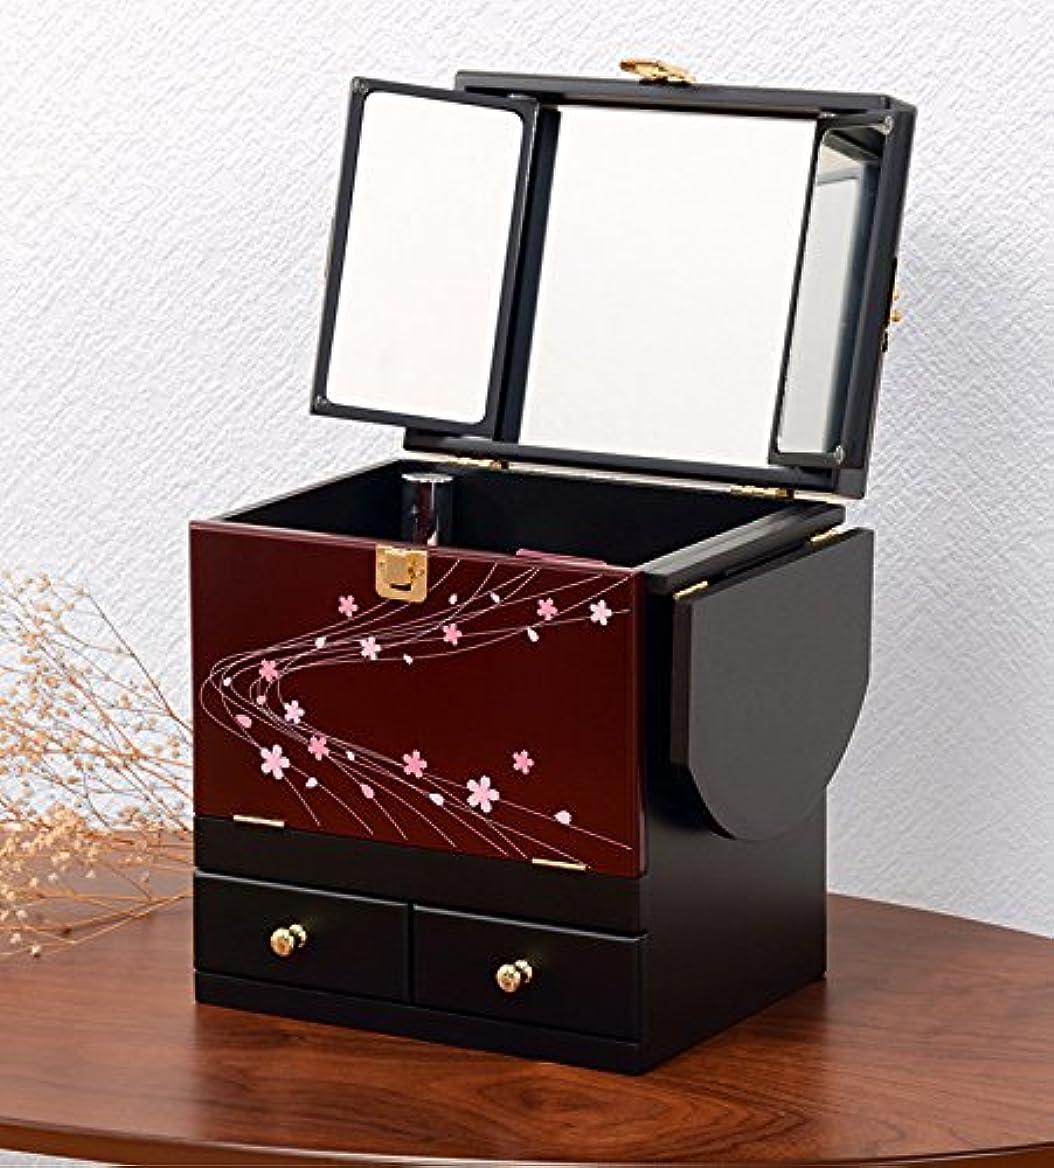 コスメボックス 化粧ボックス ジュエリーボックス コスメ収納 収納ボックス 化粧台 3面鏡 和風 完成品 折りたたみ式 軽量 えんじ